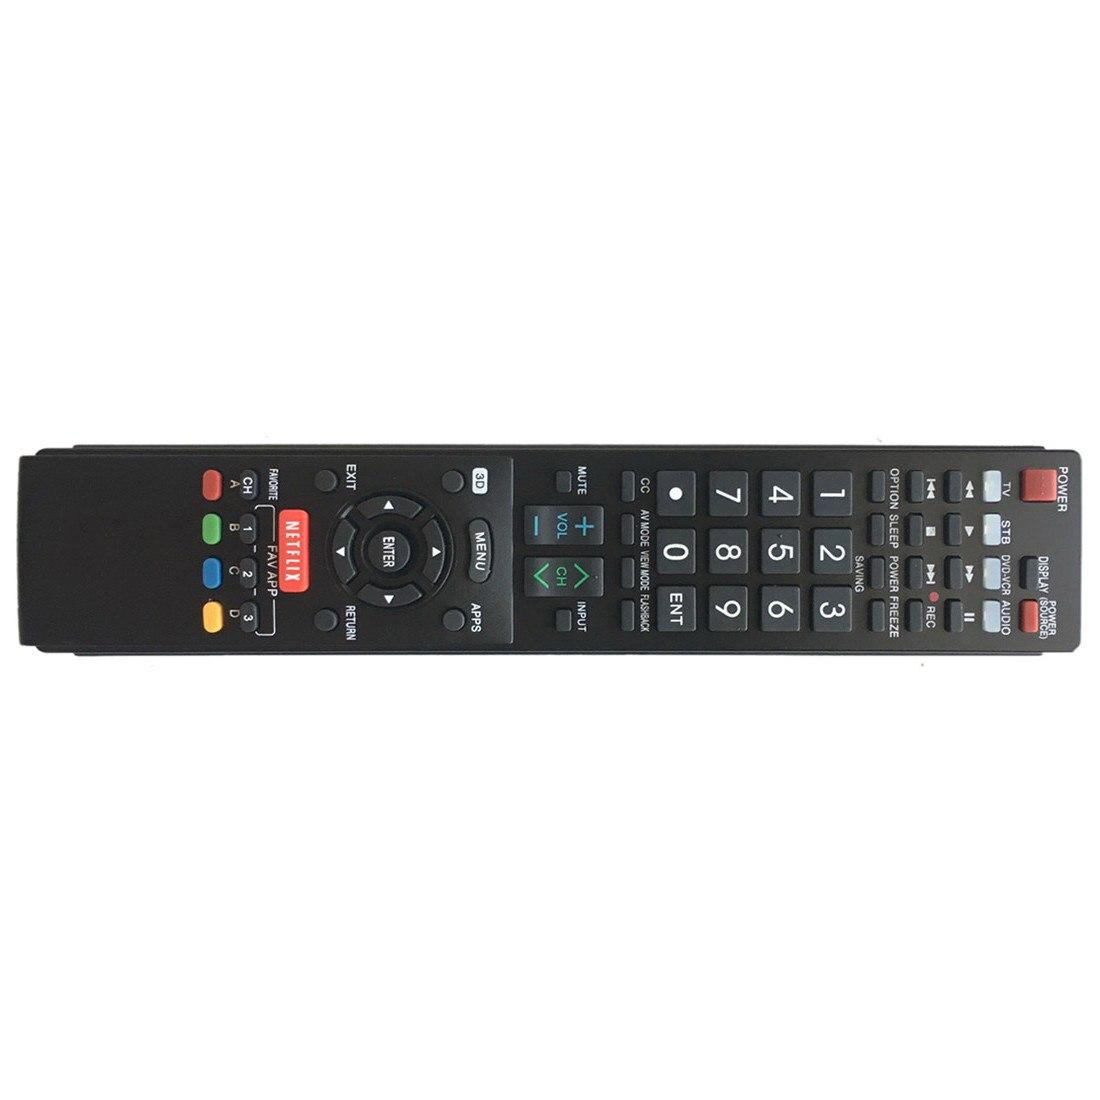 NEW TV Remote GA890WJSA for SHARP TV GB118WJSA GB004WJSA GA935WJSA GB105WJSA